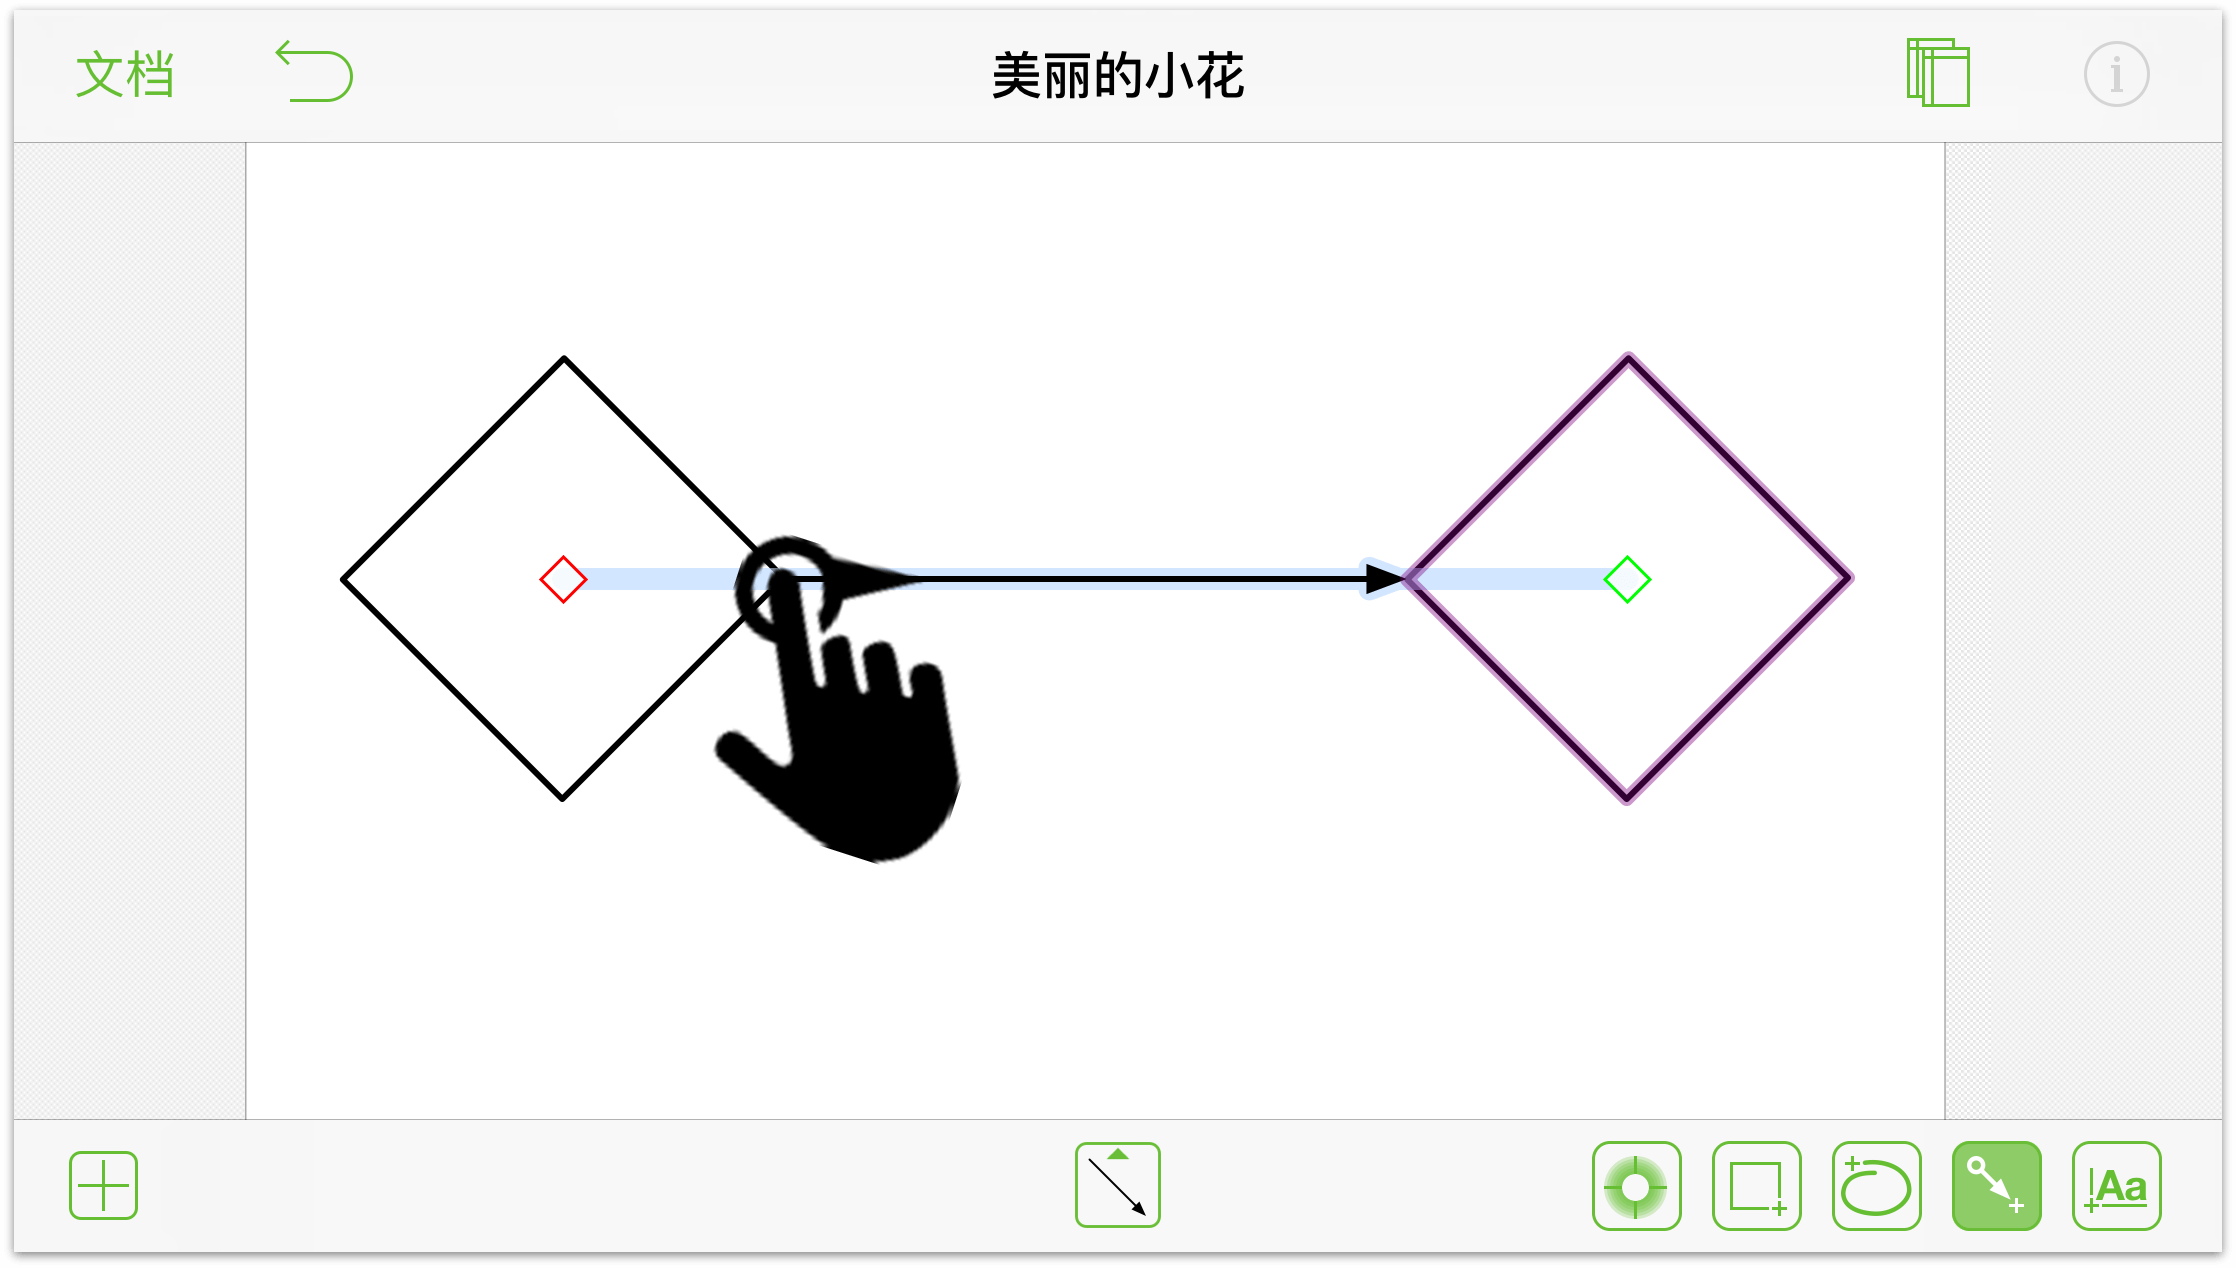 用一根线条连接的两个菱形对象